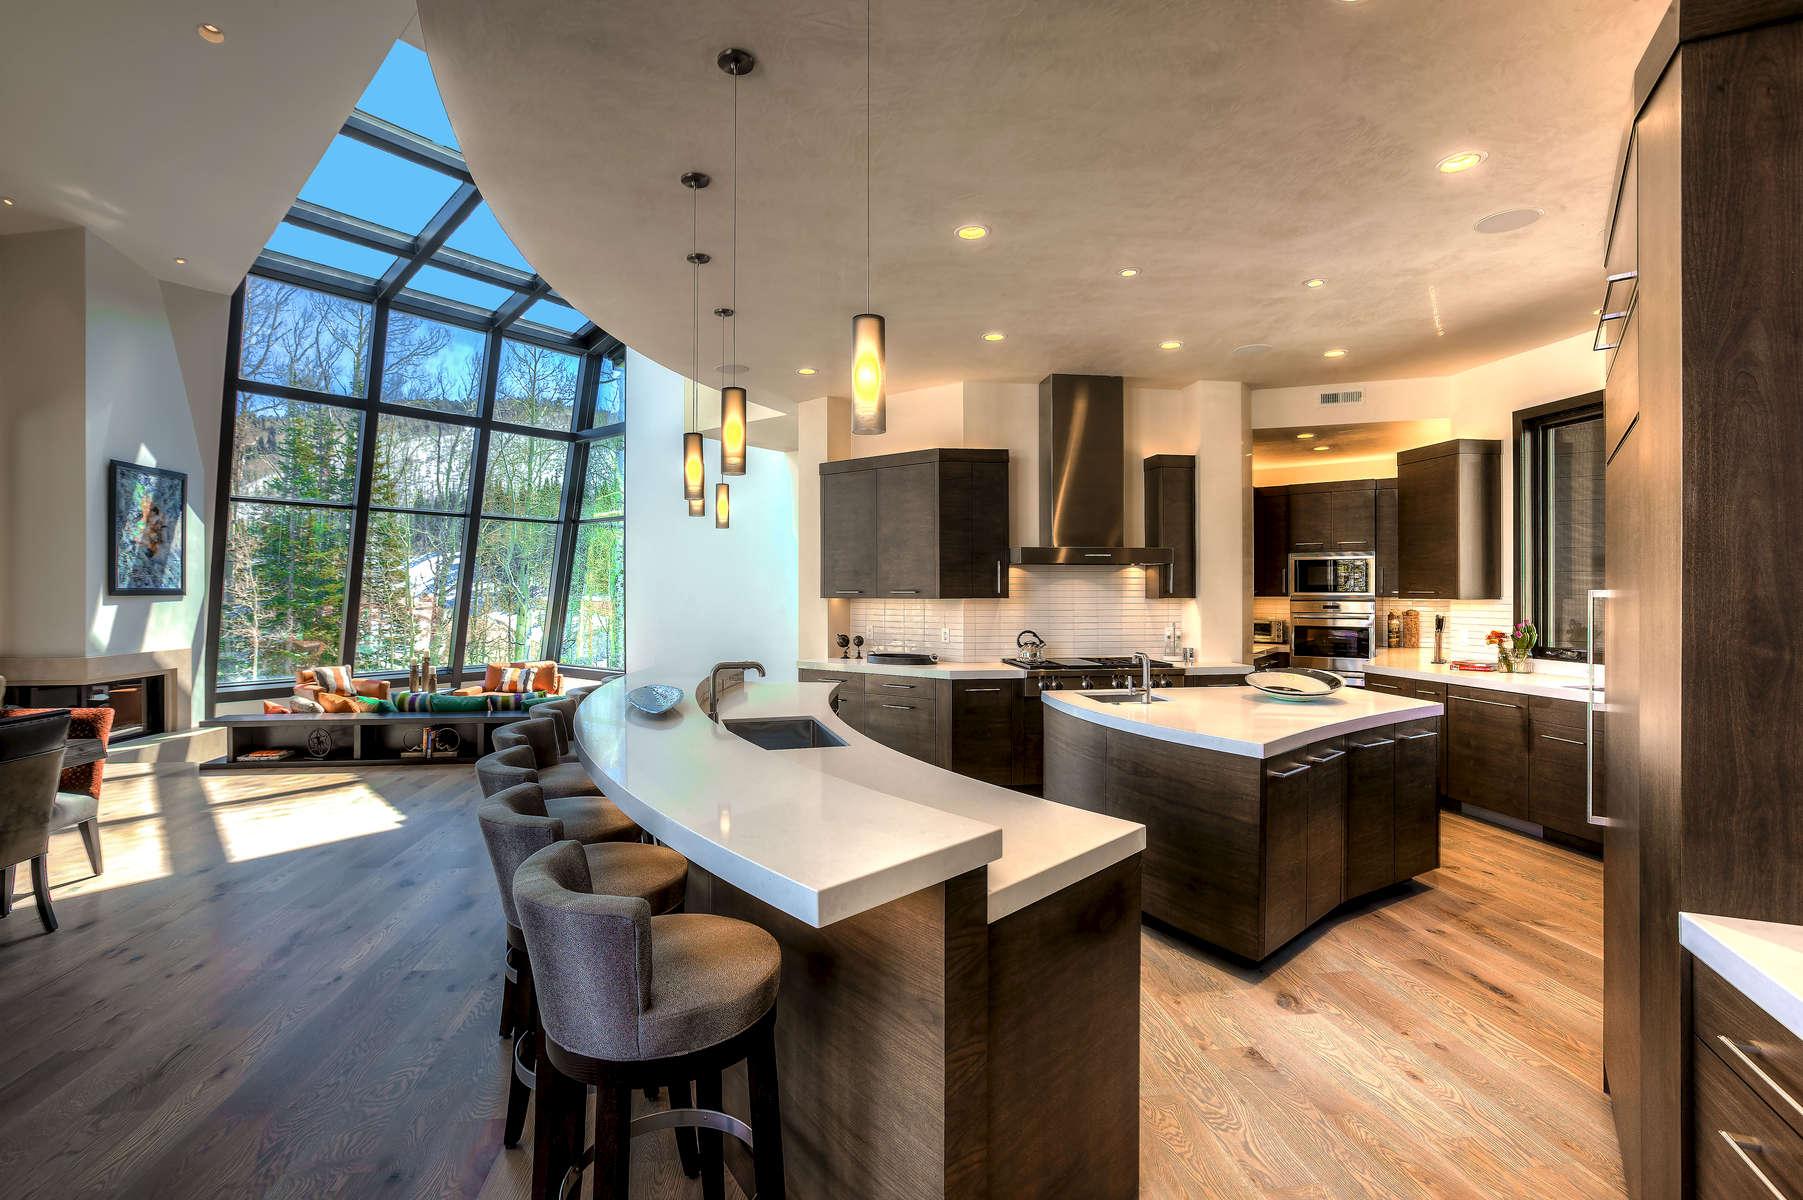 13-Bennett-Main-House-3501-17_E0E0481_Kit-to-skylight